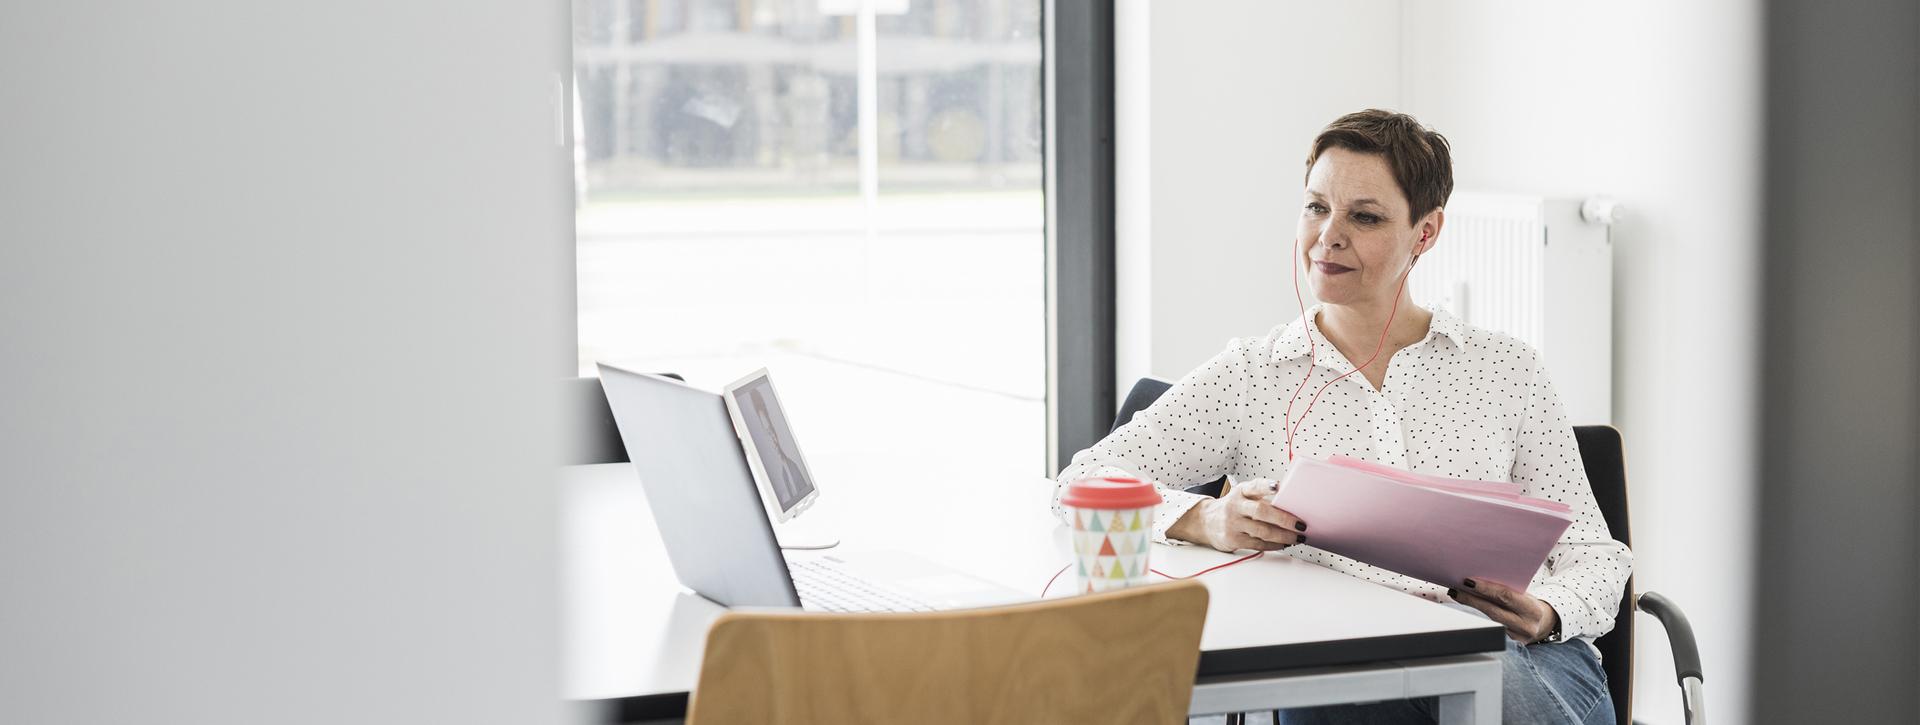 Keski-ikäinen nainen istuu pöydän äärellä, tietokoneen edessä. Hänellä on nappikuulokkeet korvissa.